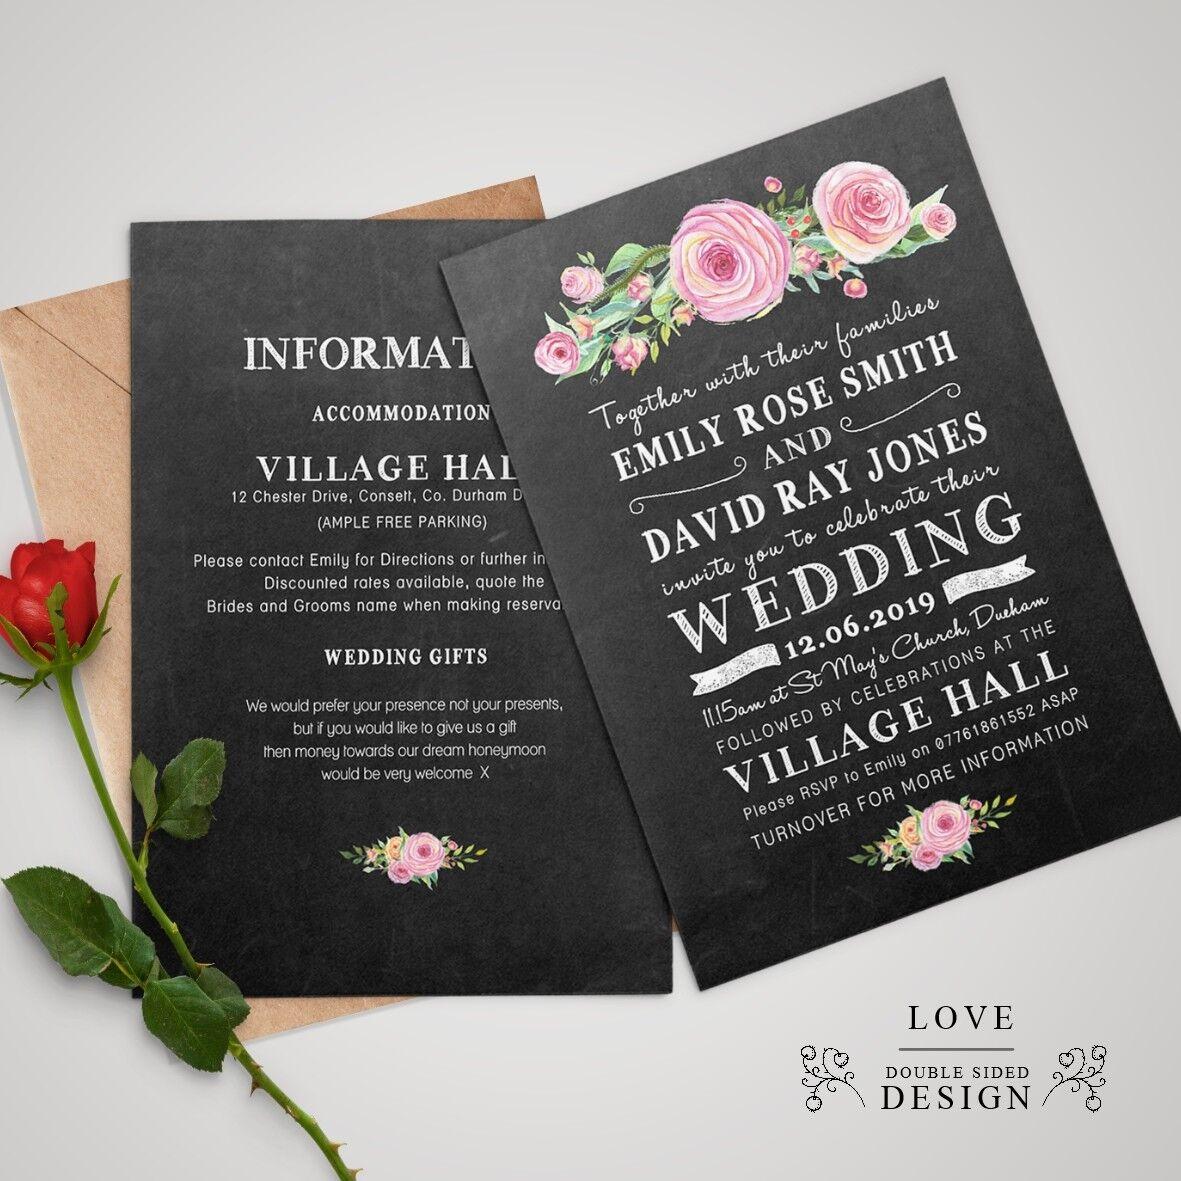 Personnalisé De Mariage/Soirée Mariage/Soirée De Invitations double face avec enveloppes aa87f9